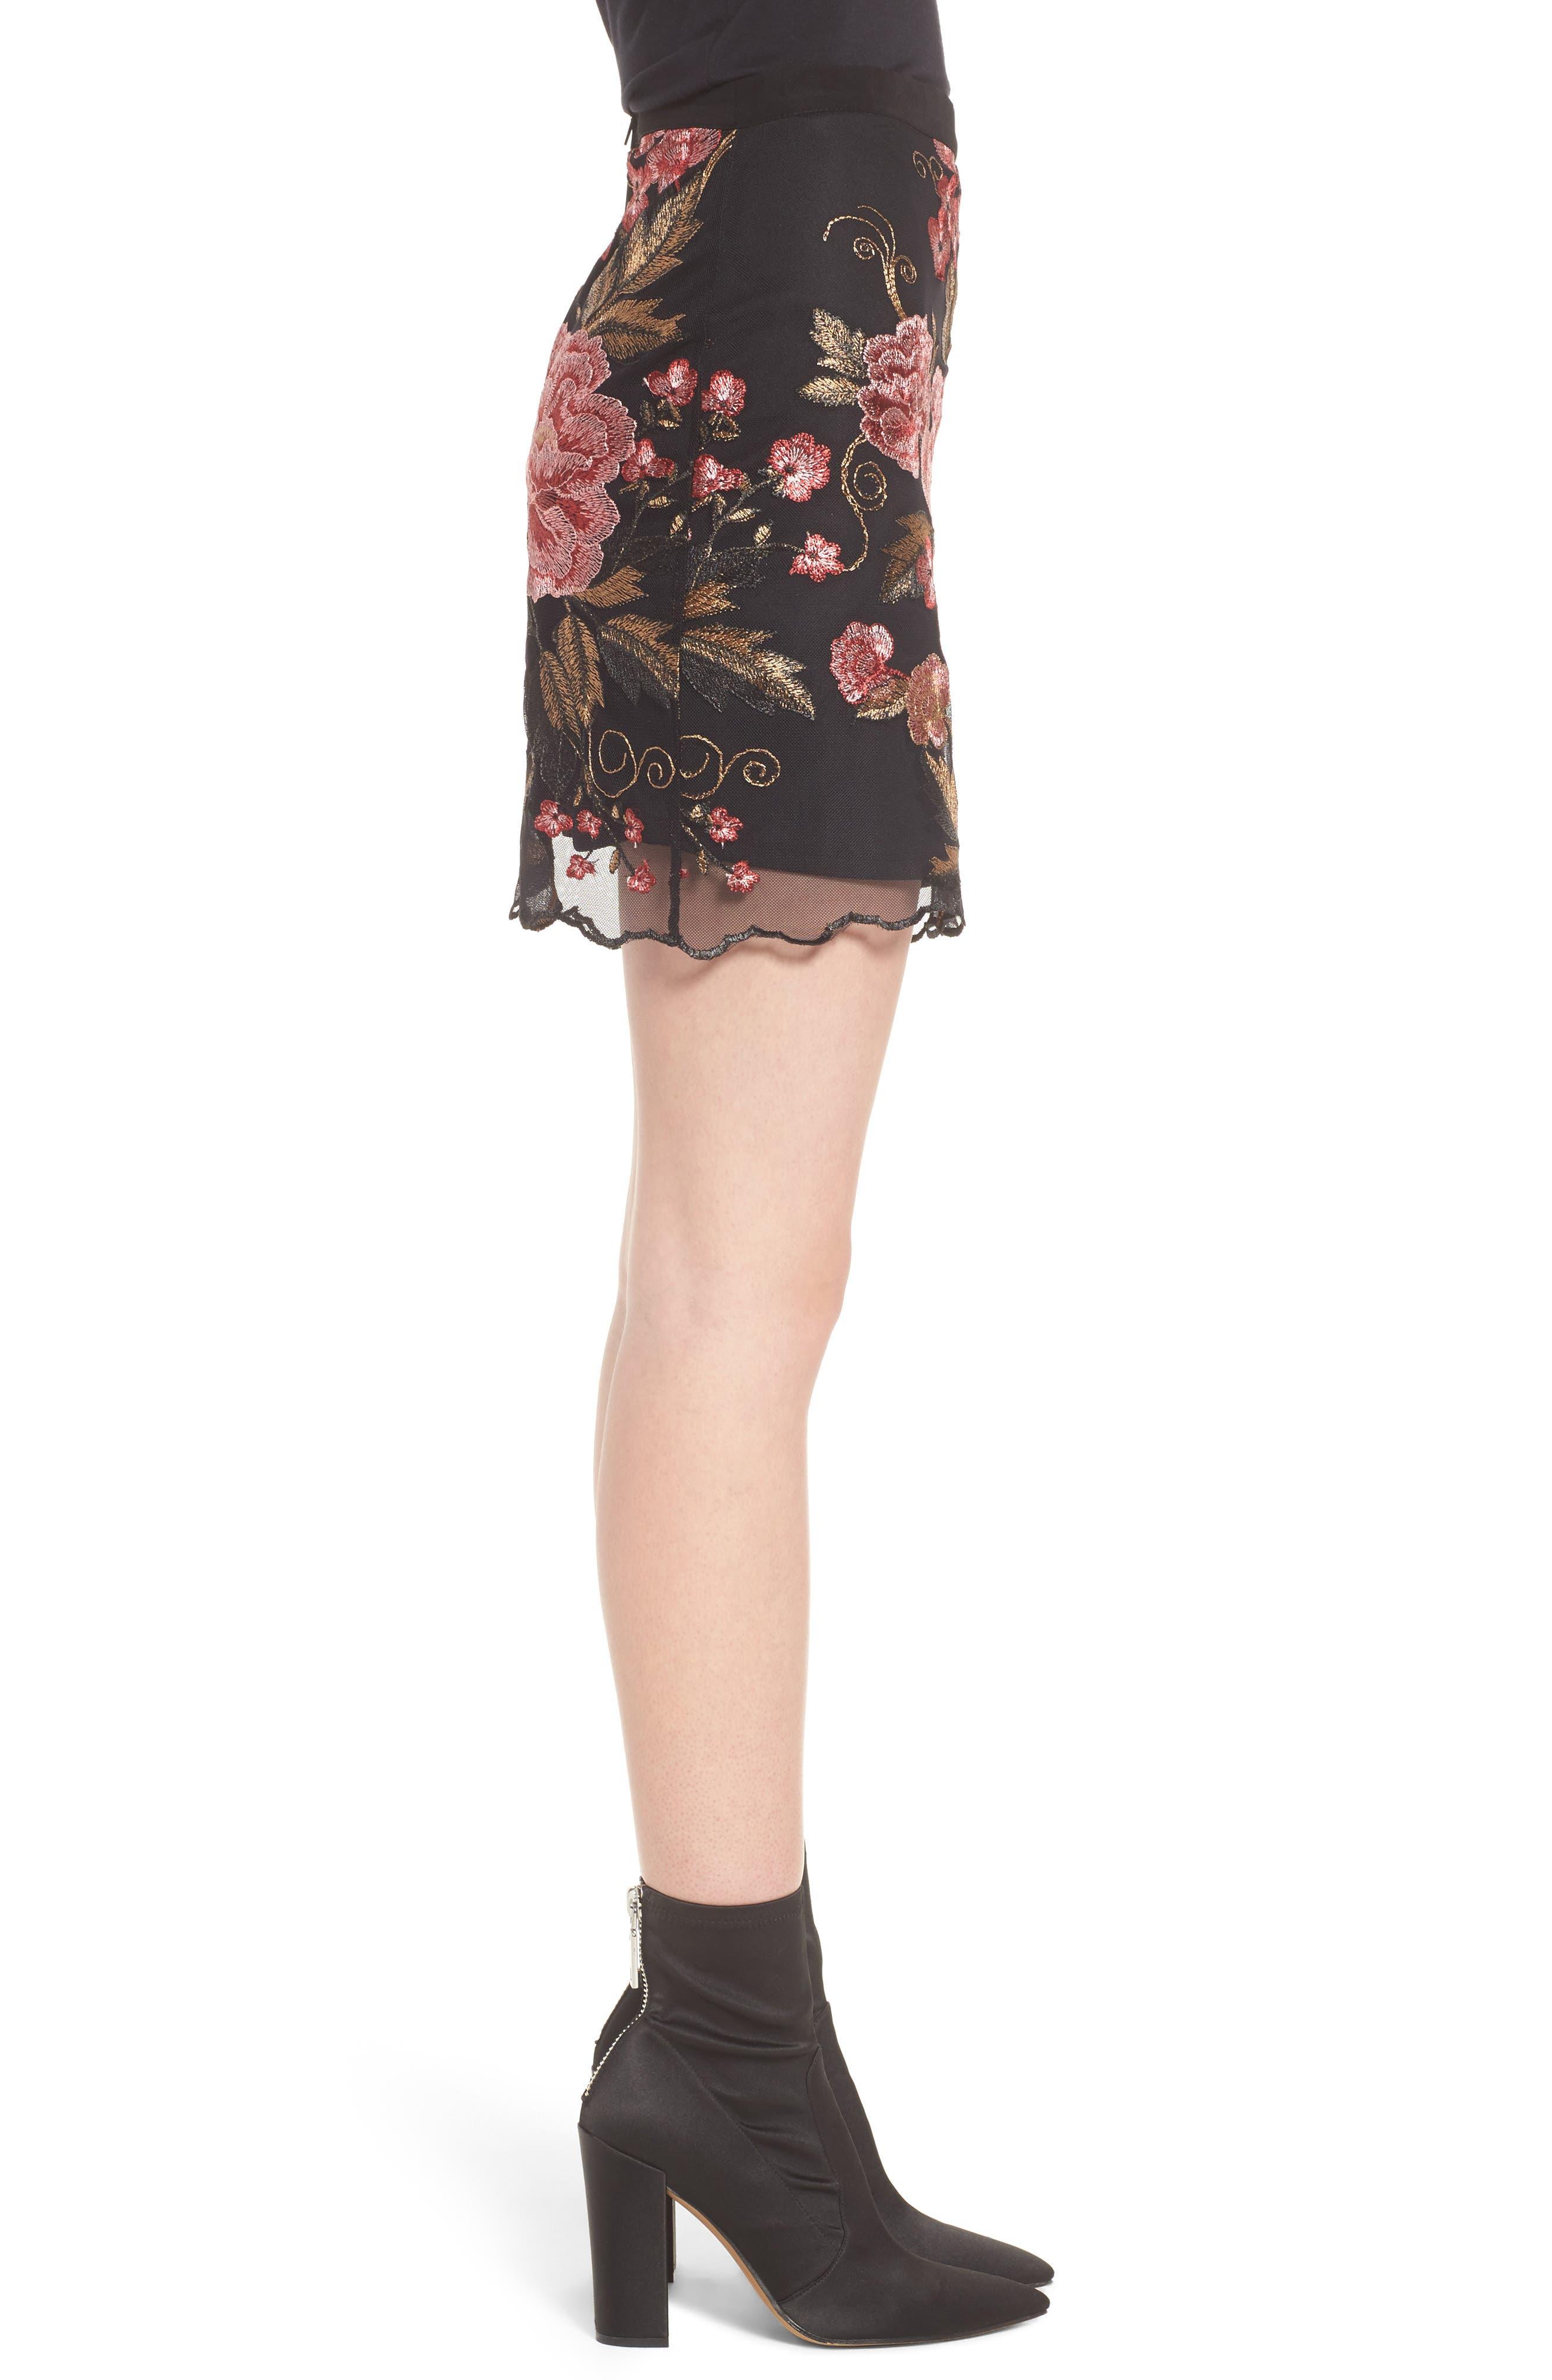 Sunset Embroidered Skirt,                             Alternate thumbnail 4, color,                             Black/ Rose